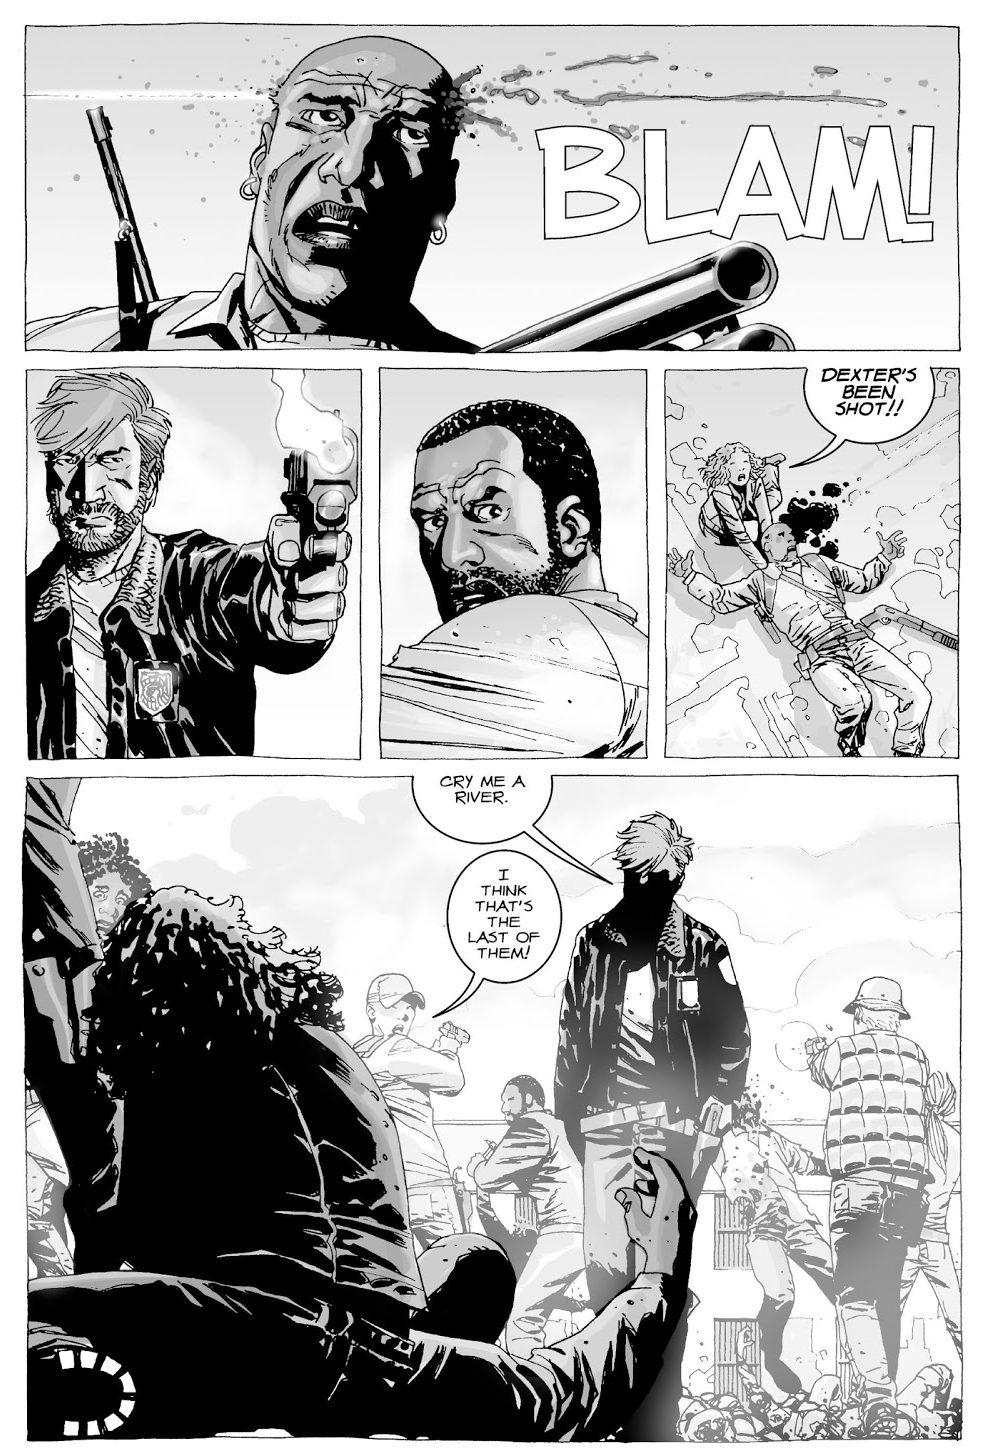 Rick Grimes Kills Dexter (The Walking Dead)